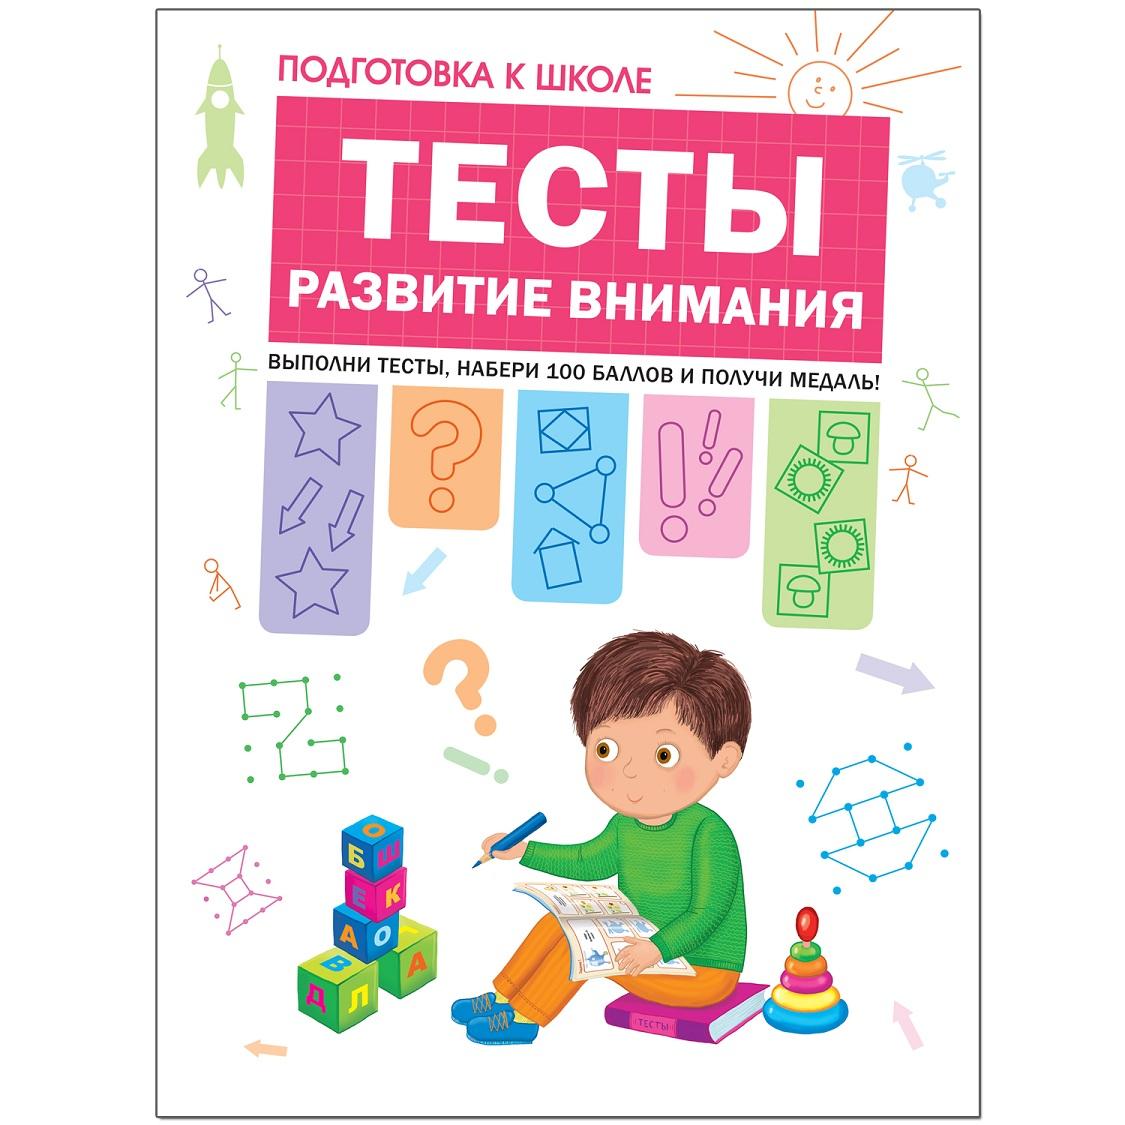 Рабочая тетрадь - Подготовка к школе. Тесты. Развитие внимания фото